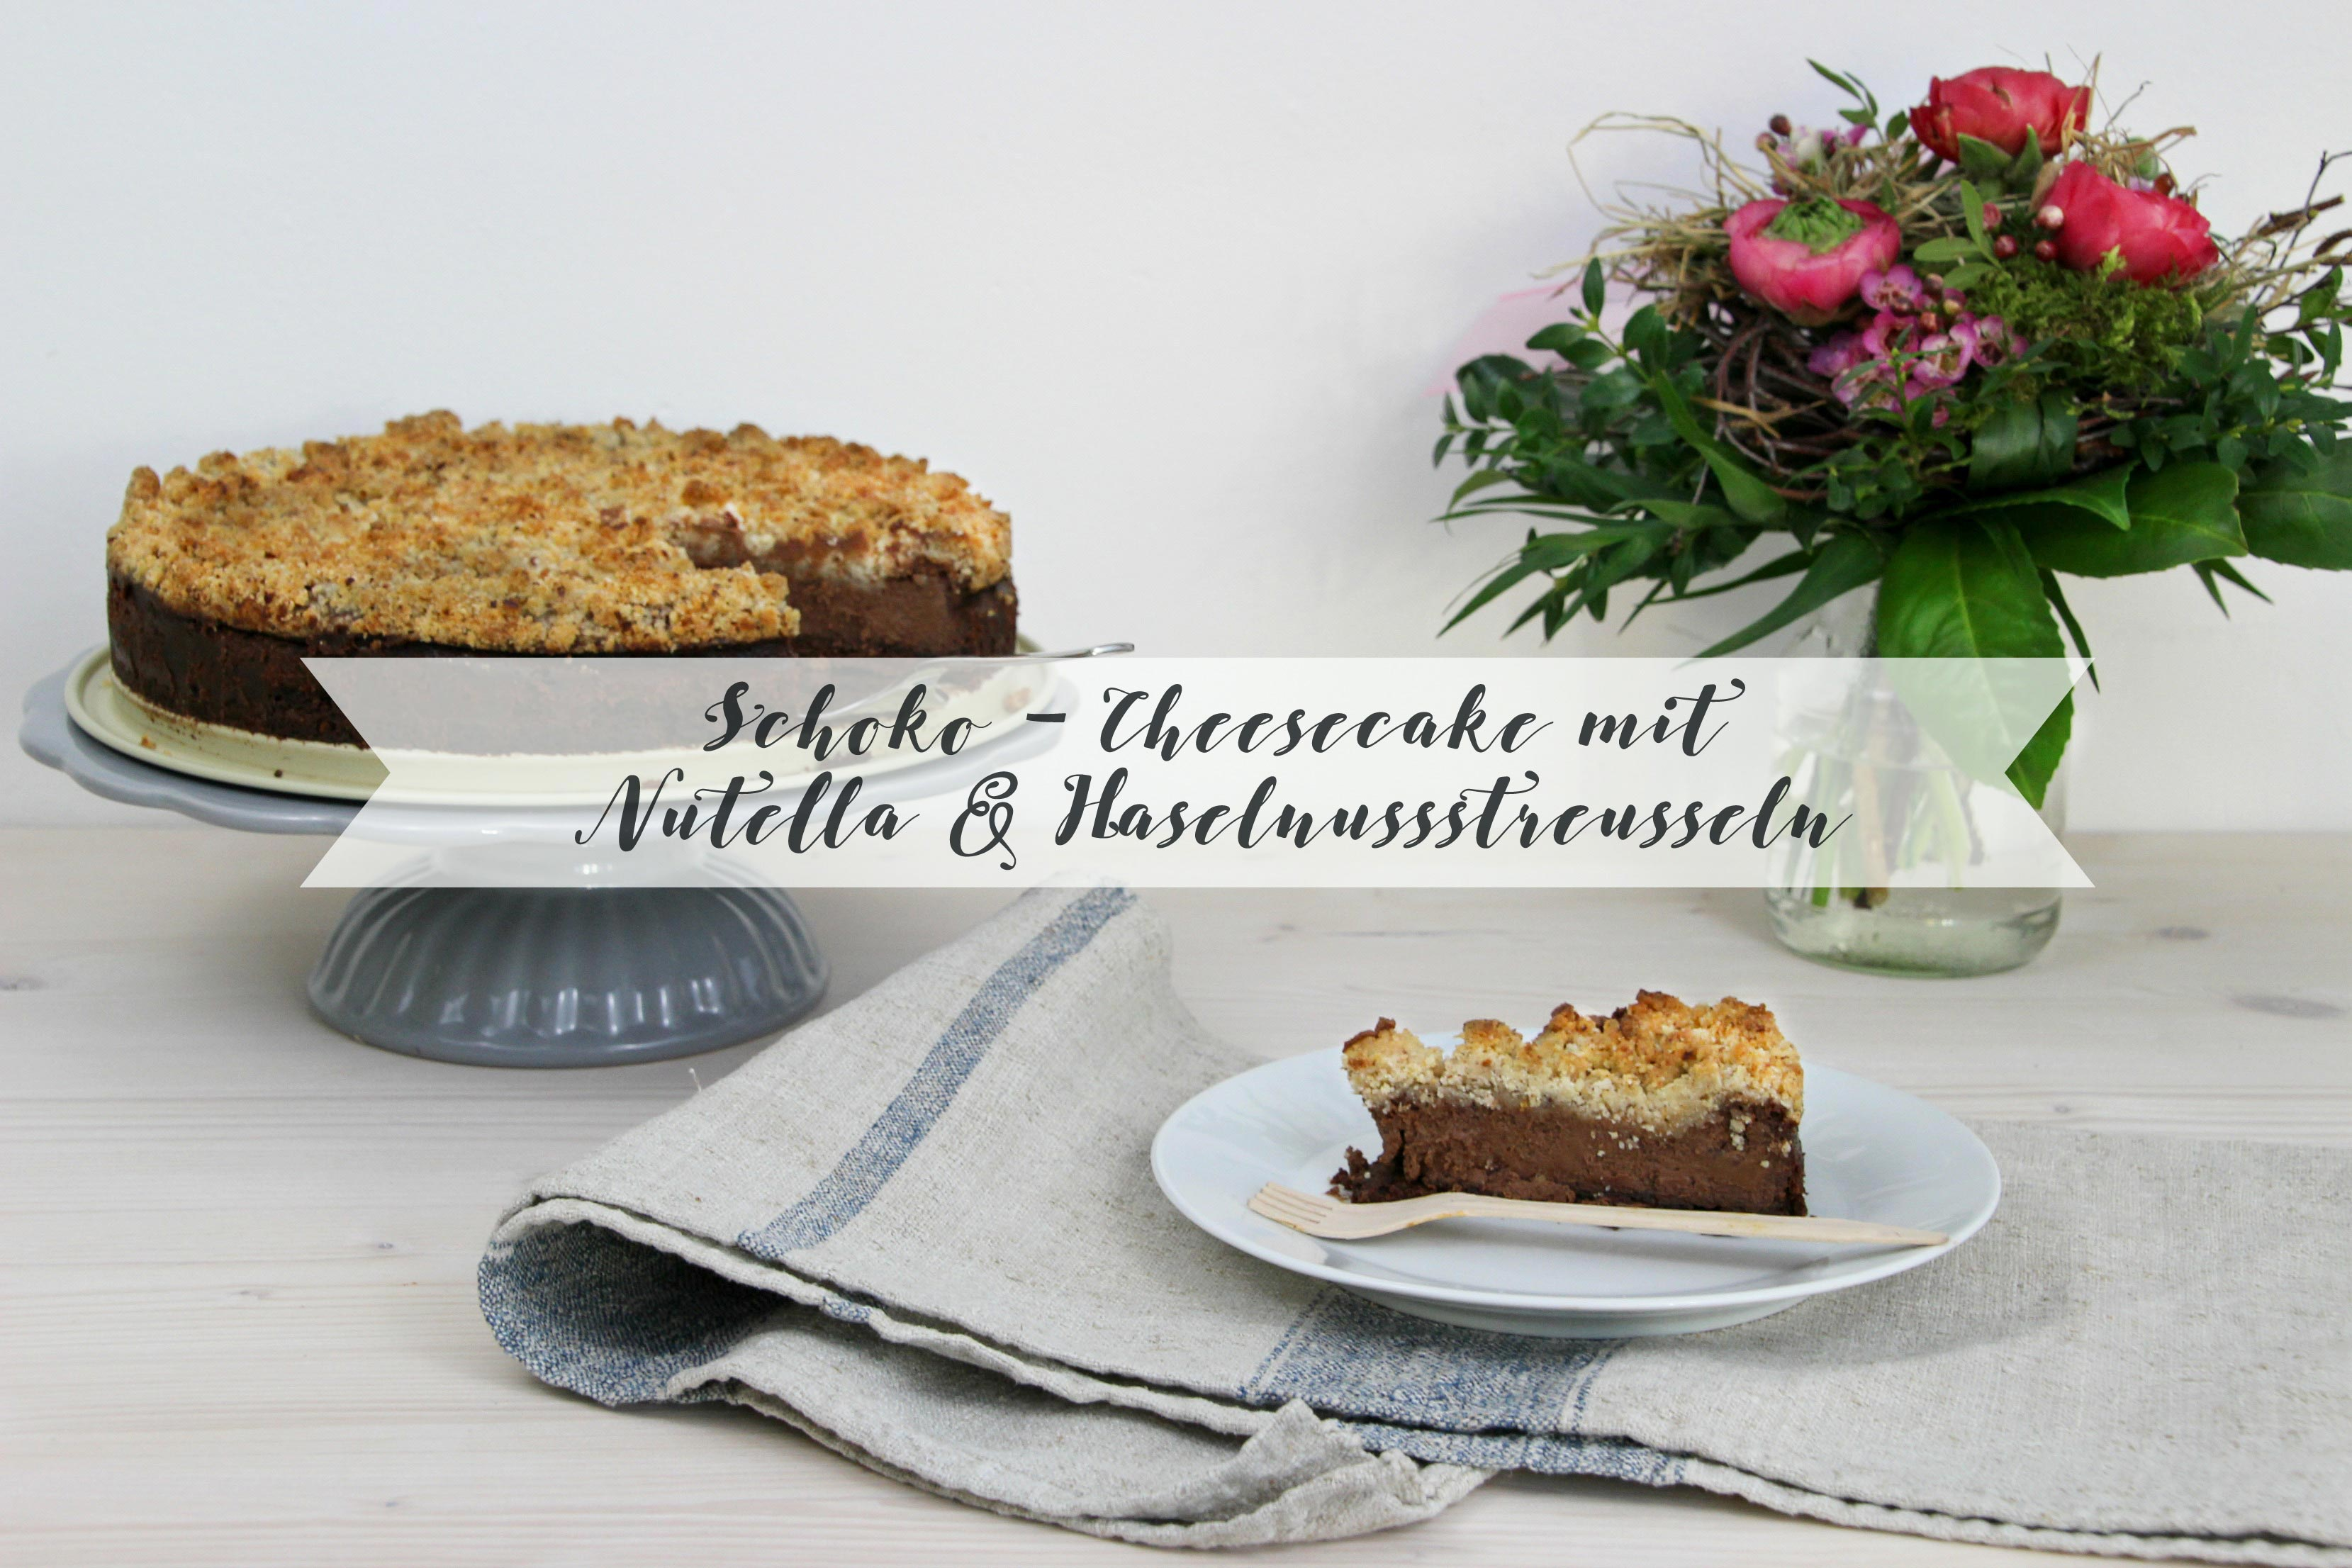 Saftiger Schoko-Cheesecake mit Nutella & Haselnussstreuseln